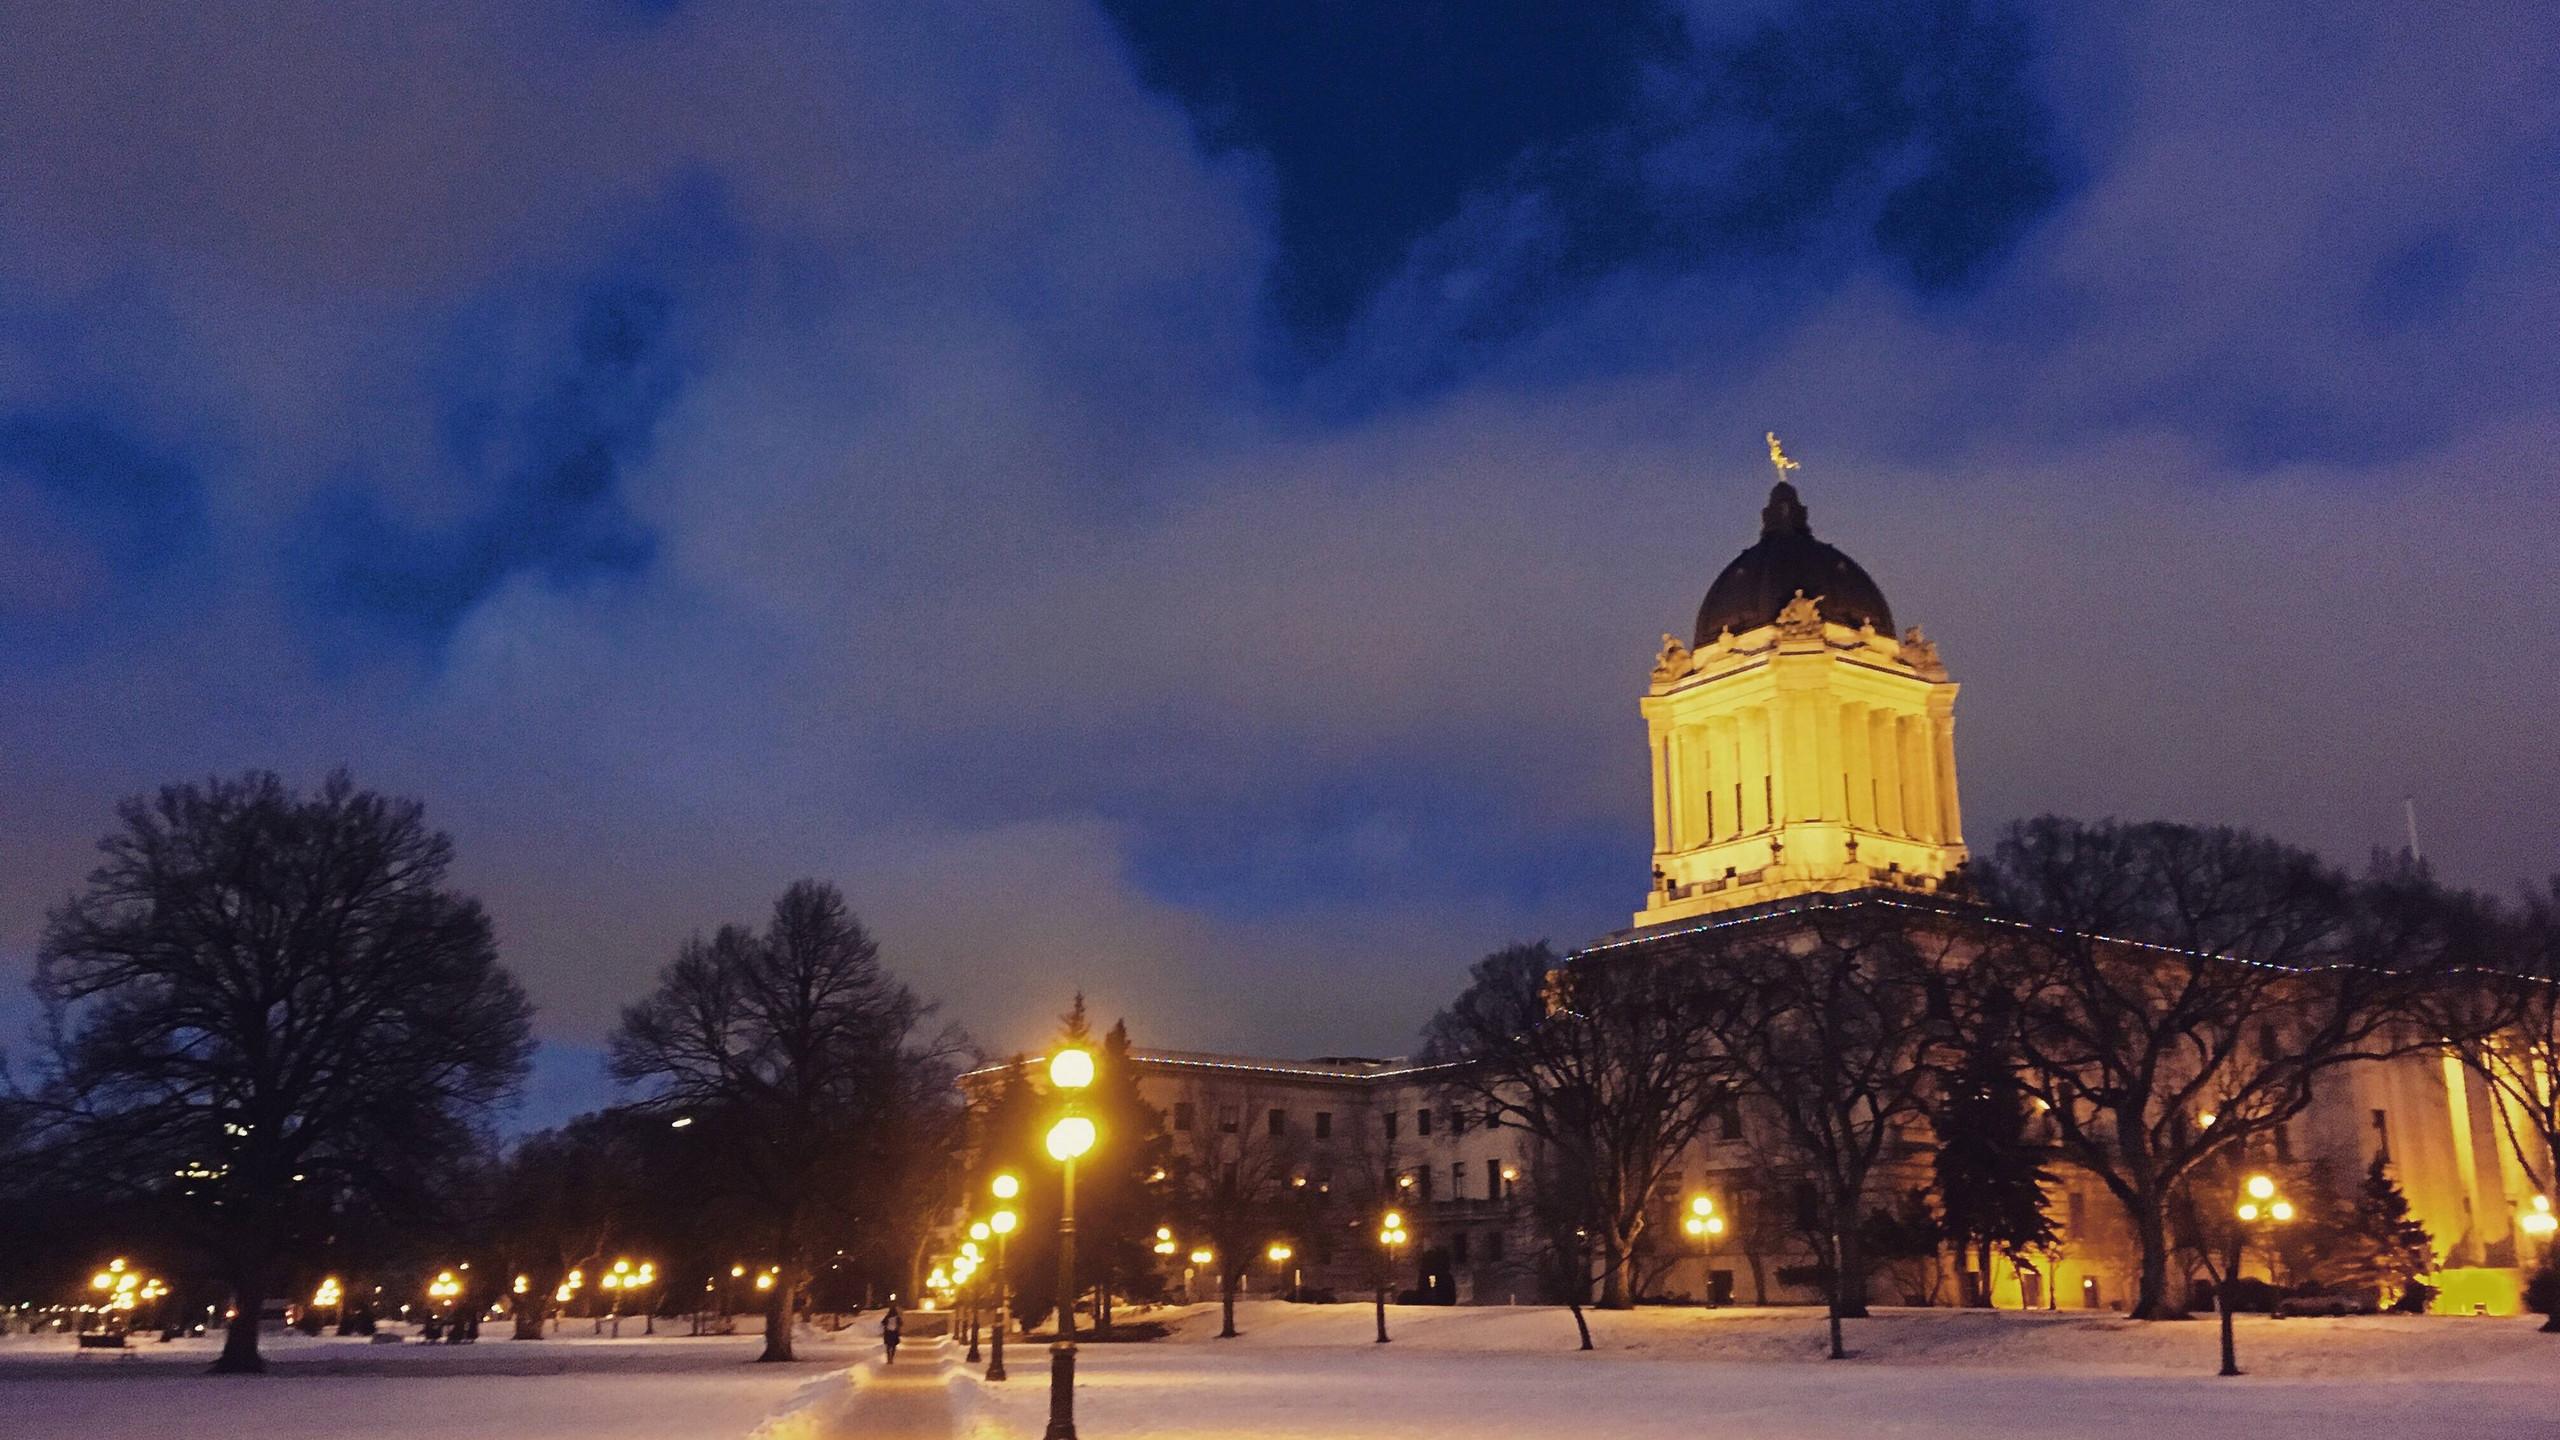 'Historische' gebouwen zijn soms amper 100 jaar oud… Maar sneeuw en de juiste verlichting maken veel goed